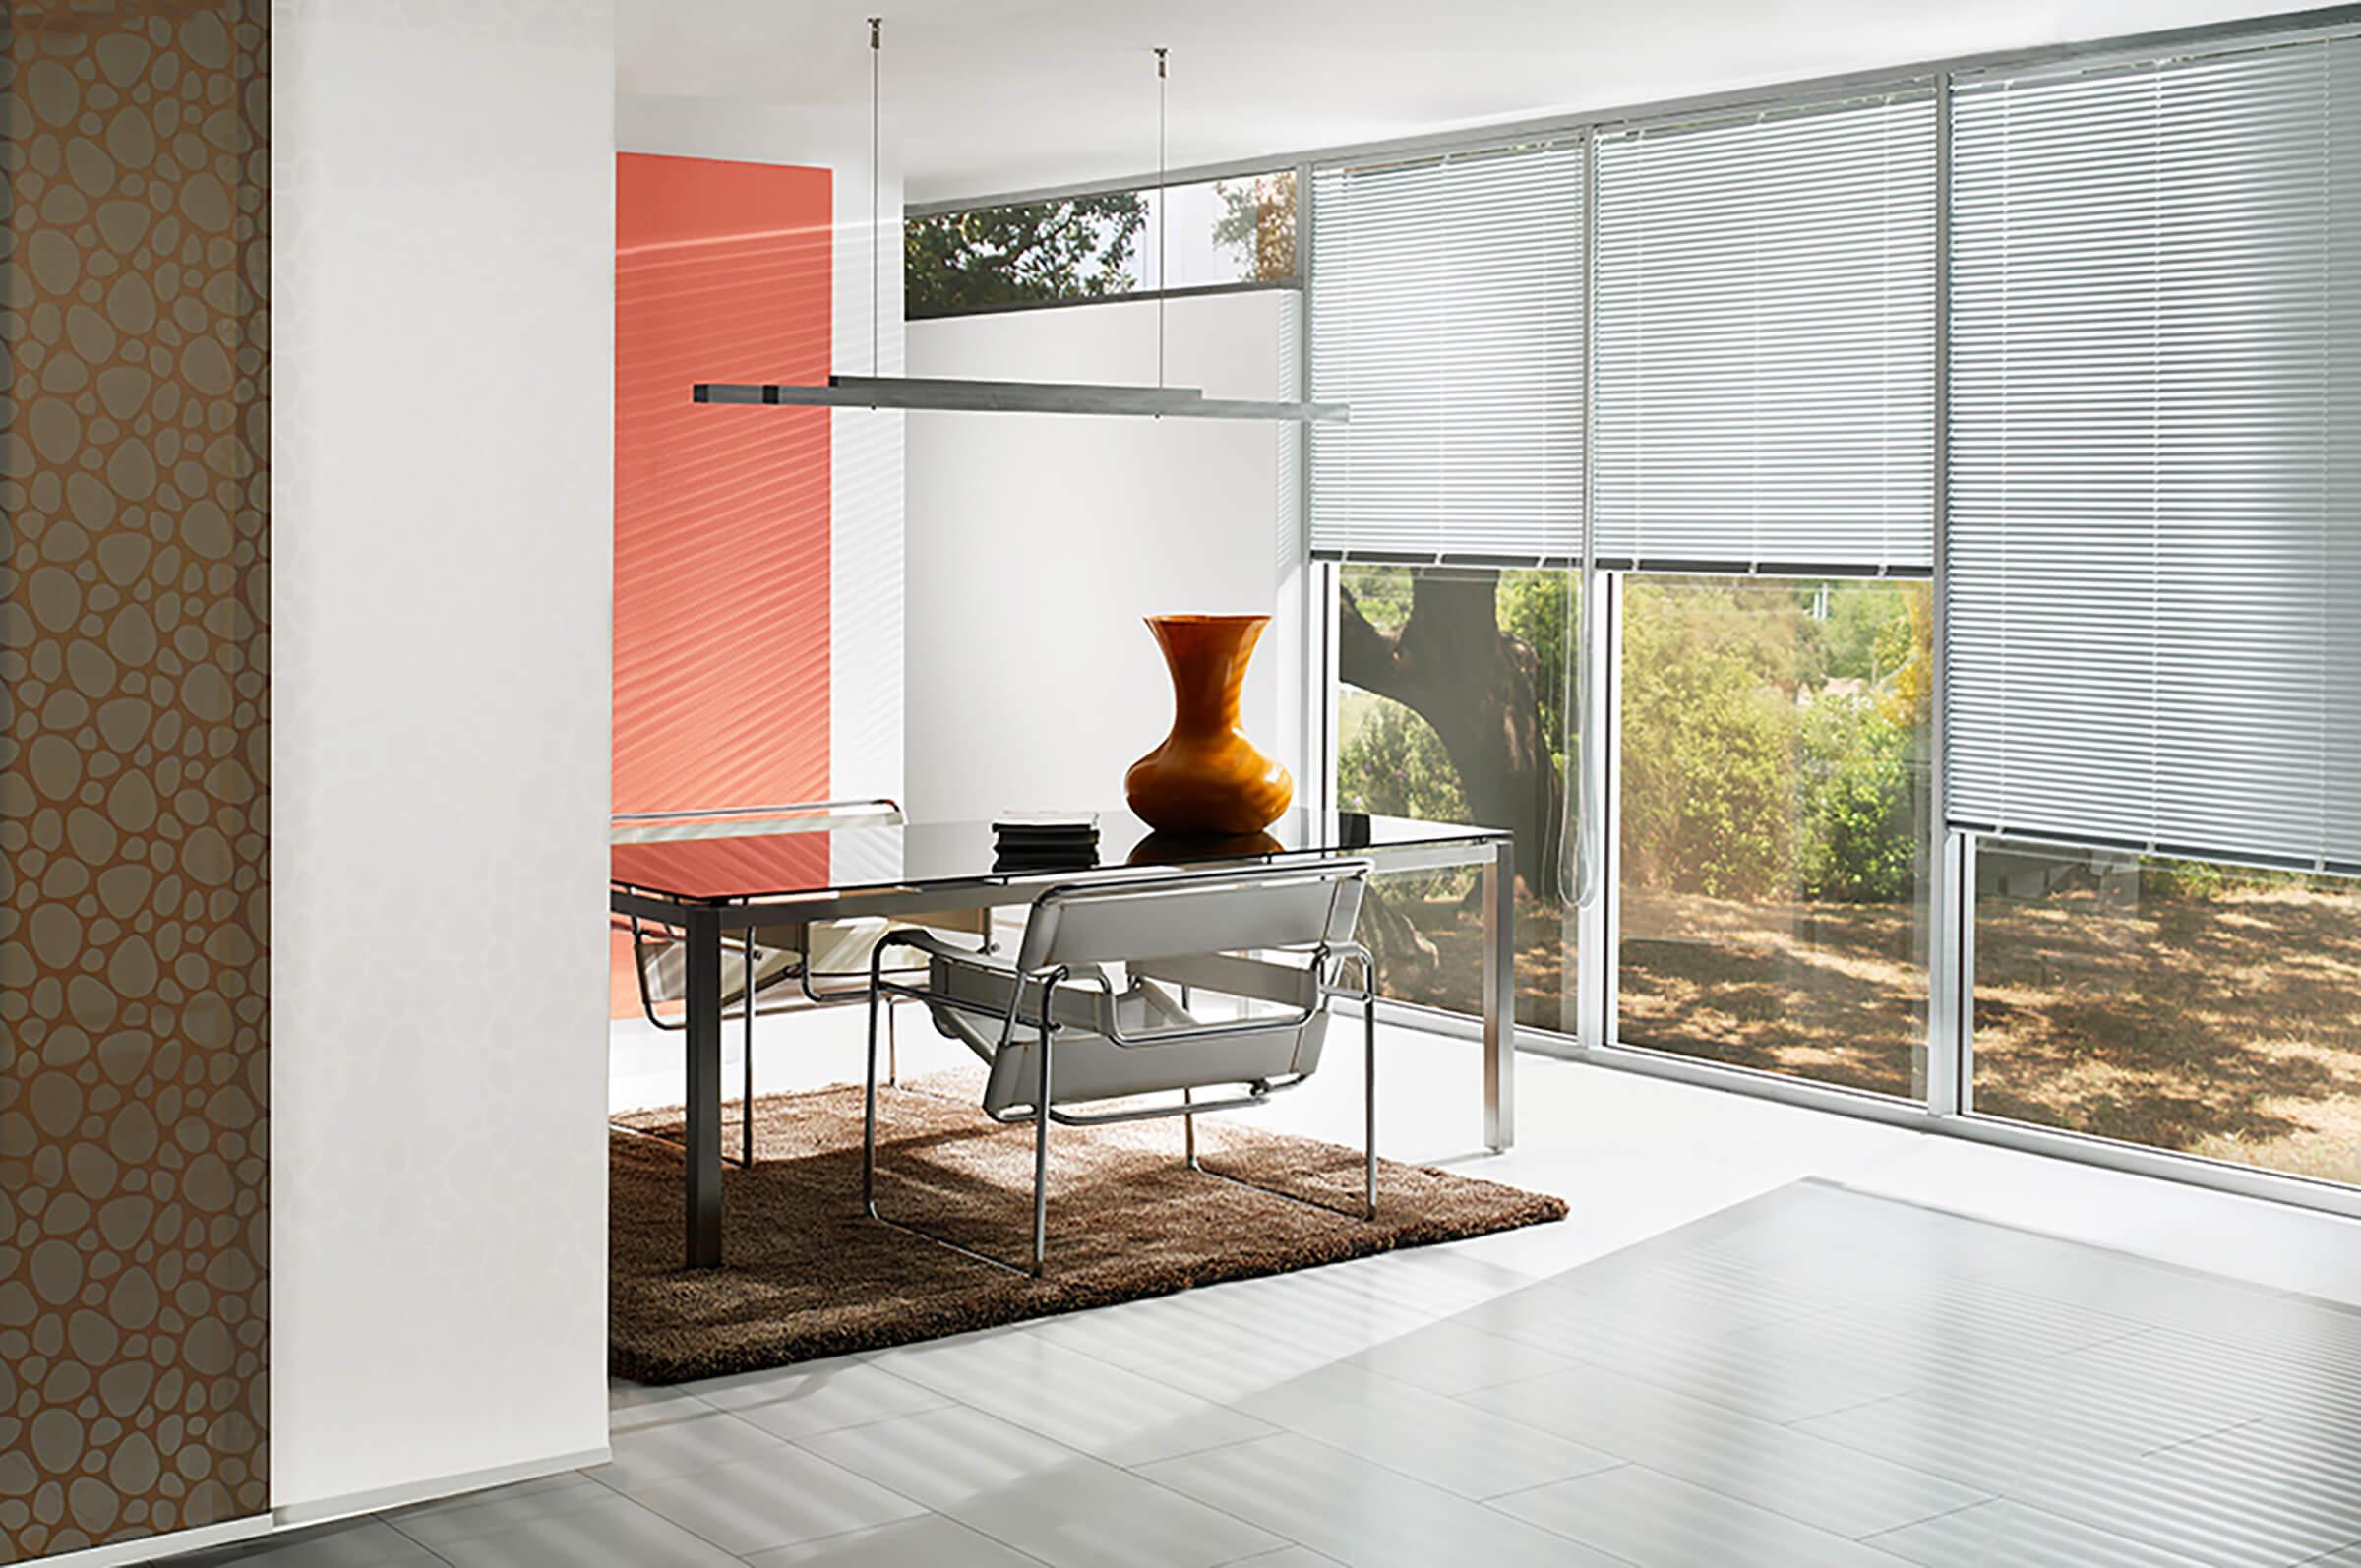 ziemlich esszimmer jalousien bilder die besten wohnideen. Black Bedroom Furniture Sets. Home Design Ideas